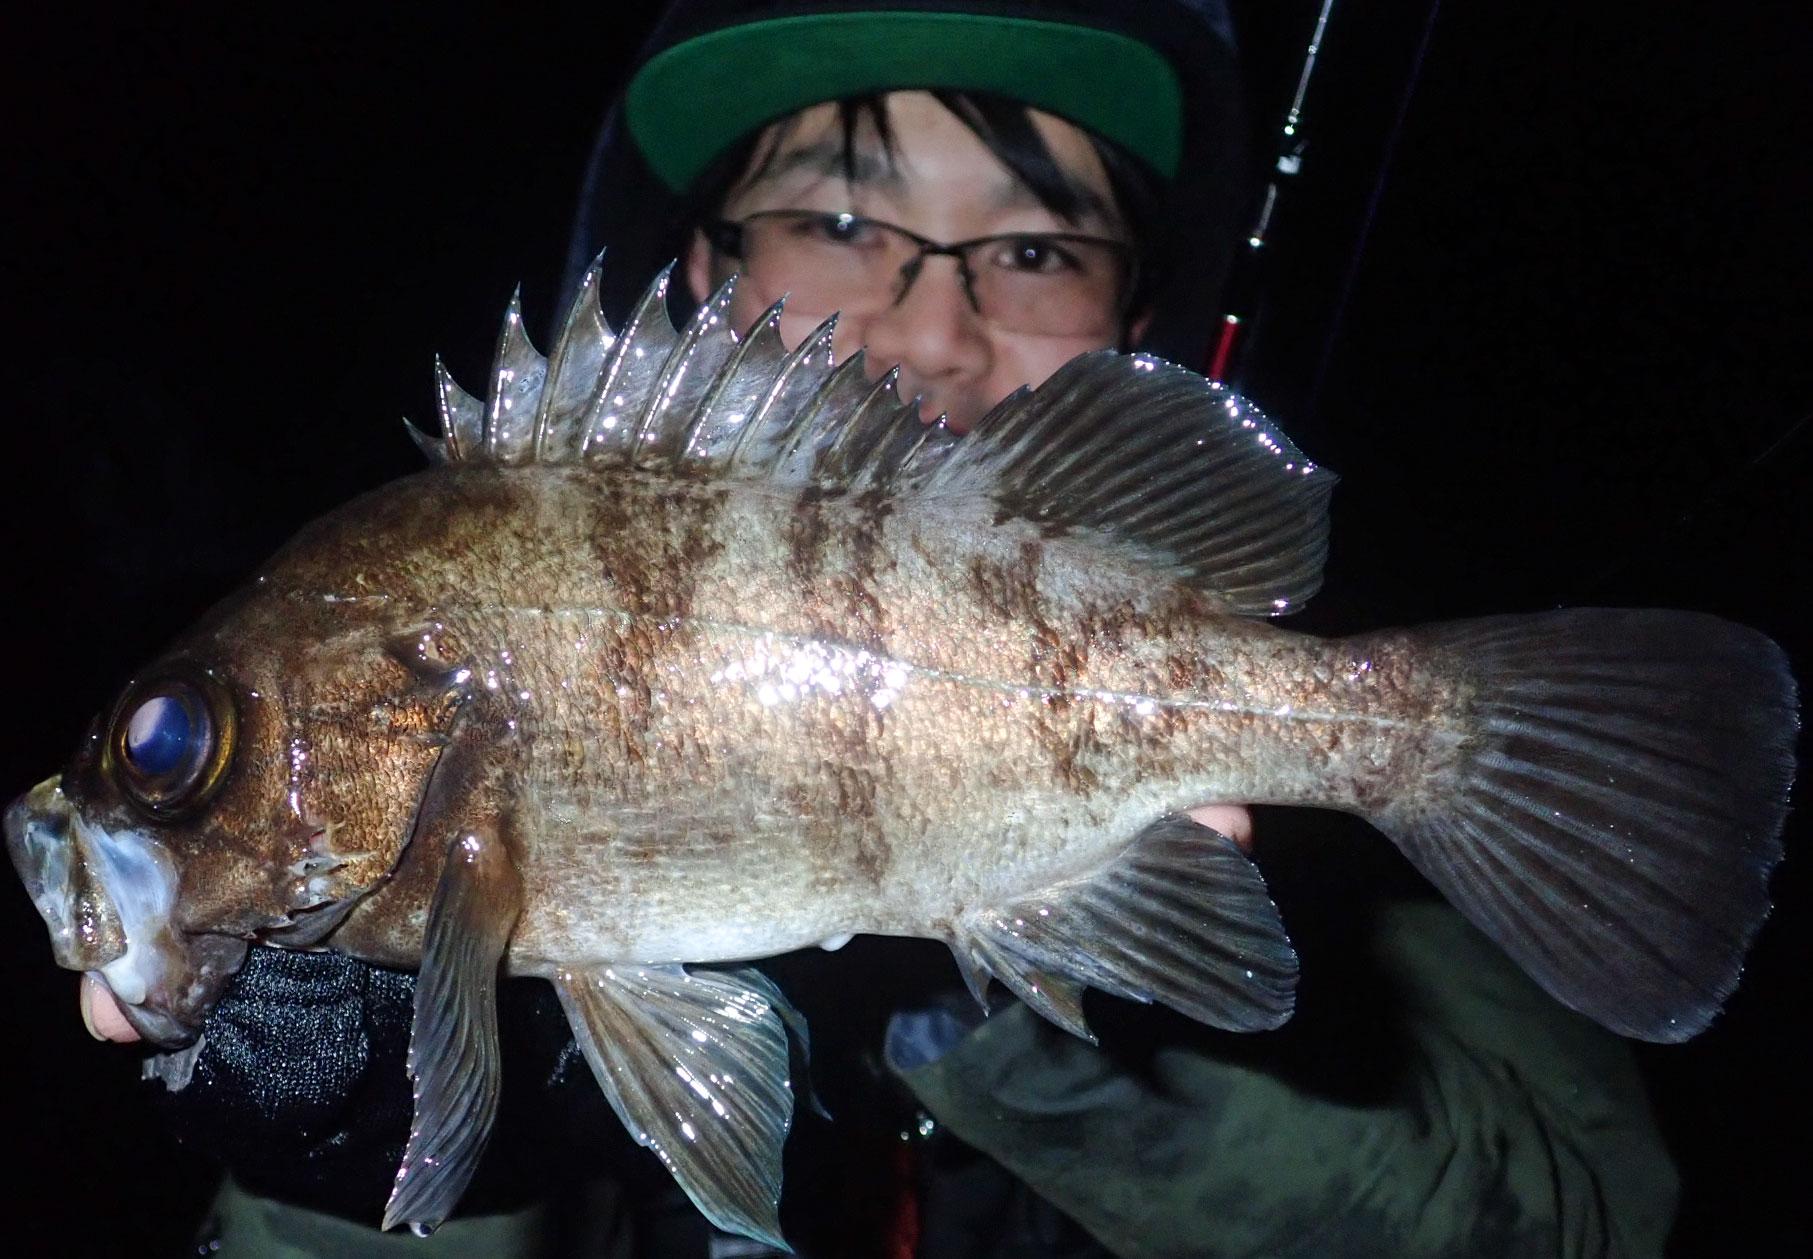 デカメバルシーズン到来!適正な糸巻量で快適な釣りを